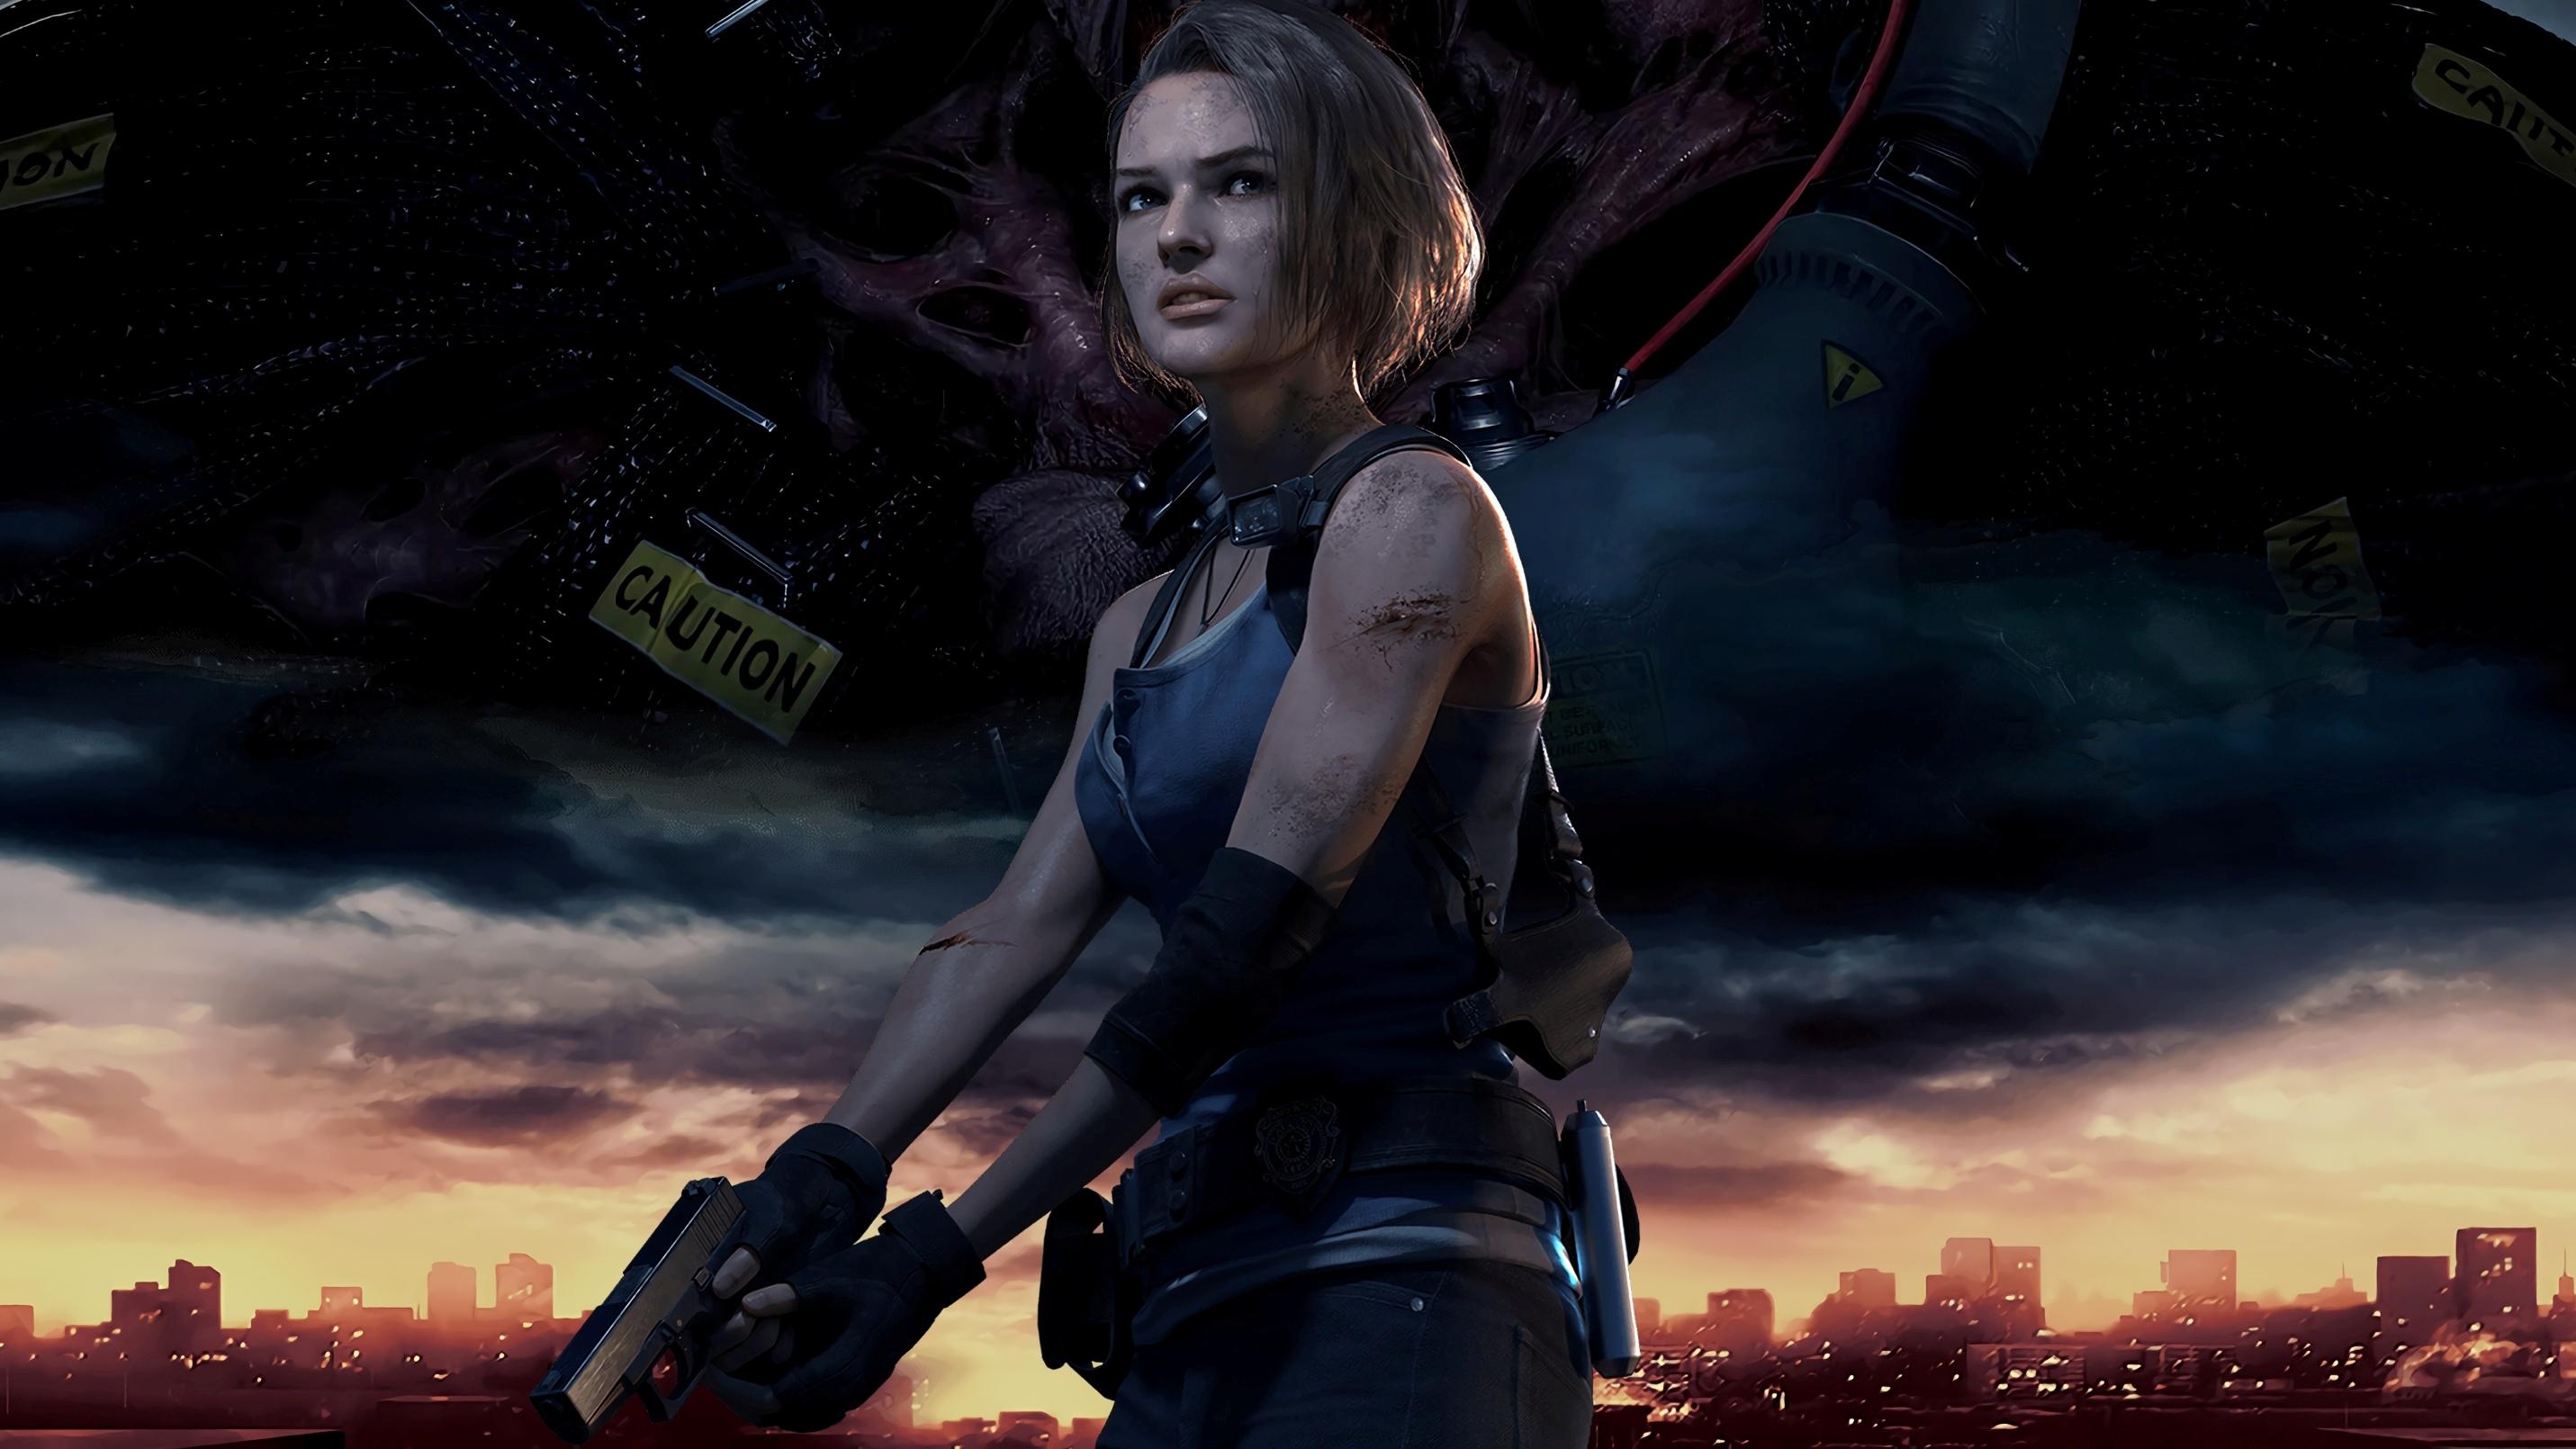 resident-evil-3-remake-jill-valentine-nemesis-1.jpg - Resident Evil 3: Nemesis